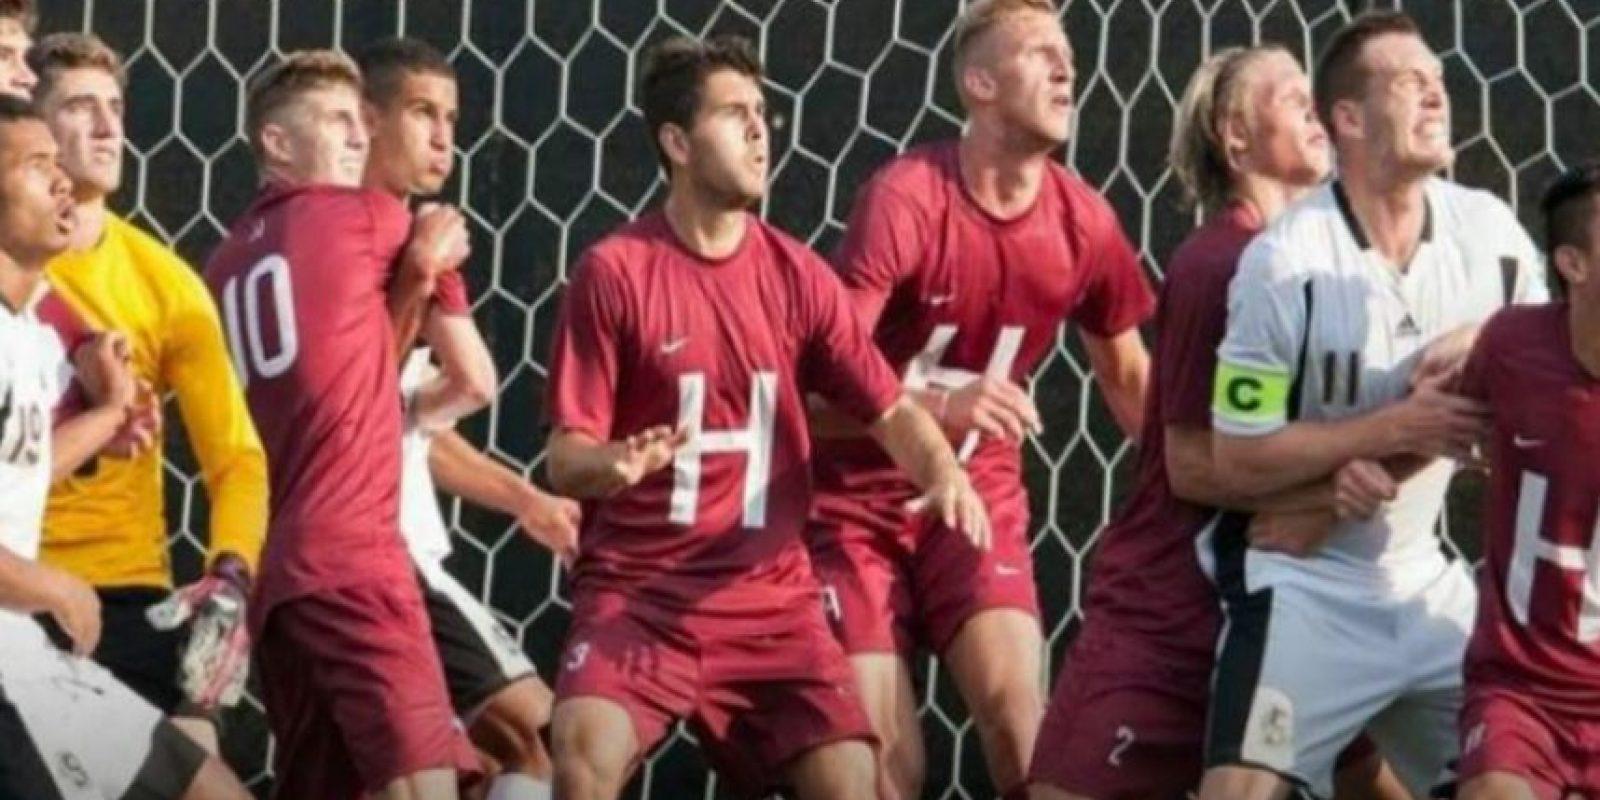 Futbolistas de la Universidad de Harvard enfrentam tremendo escándalo sexual Foto:Ivy League